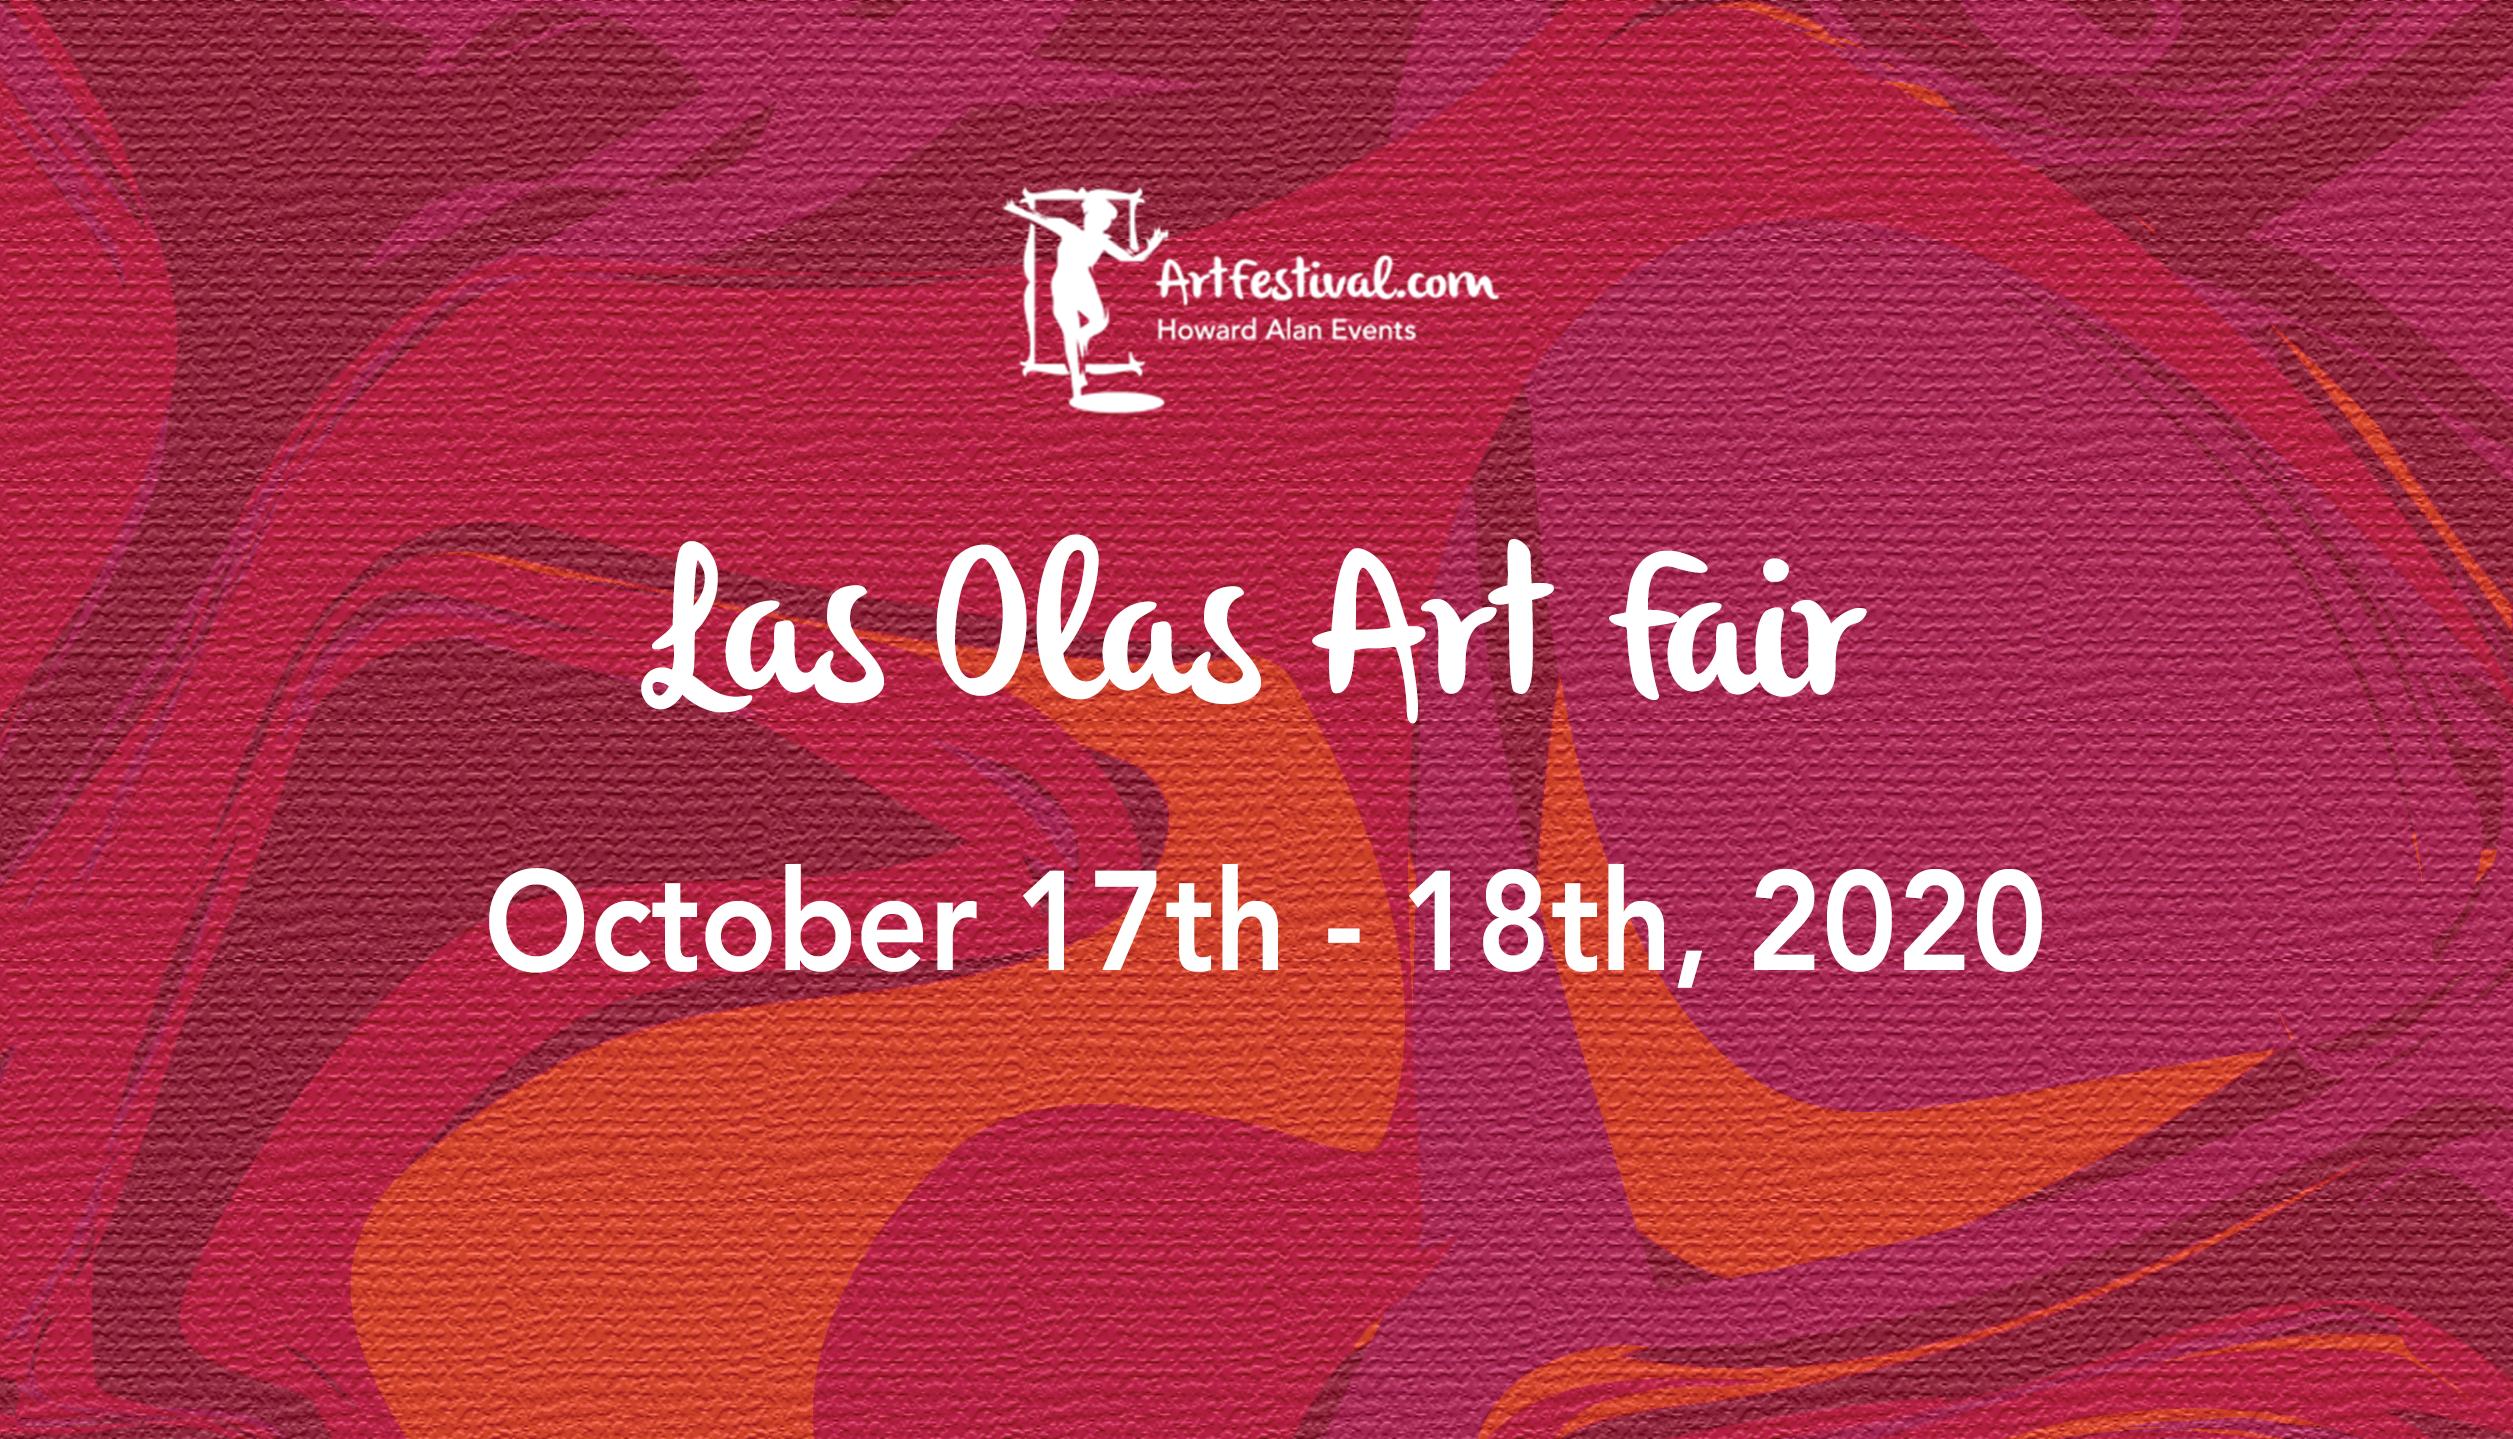 33rd Annual Las Olas Art Fair